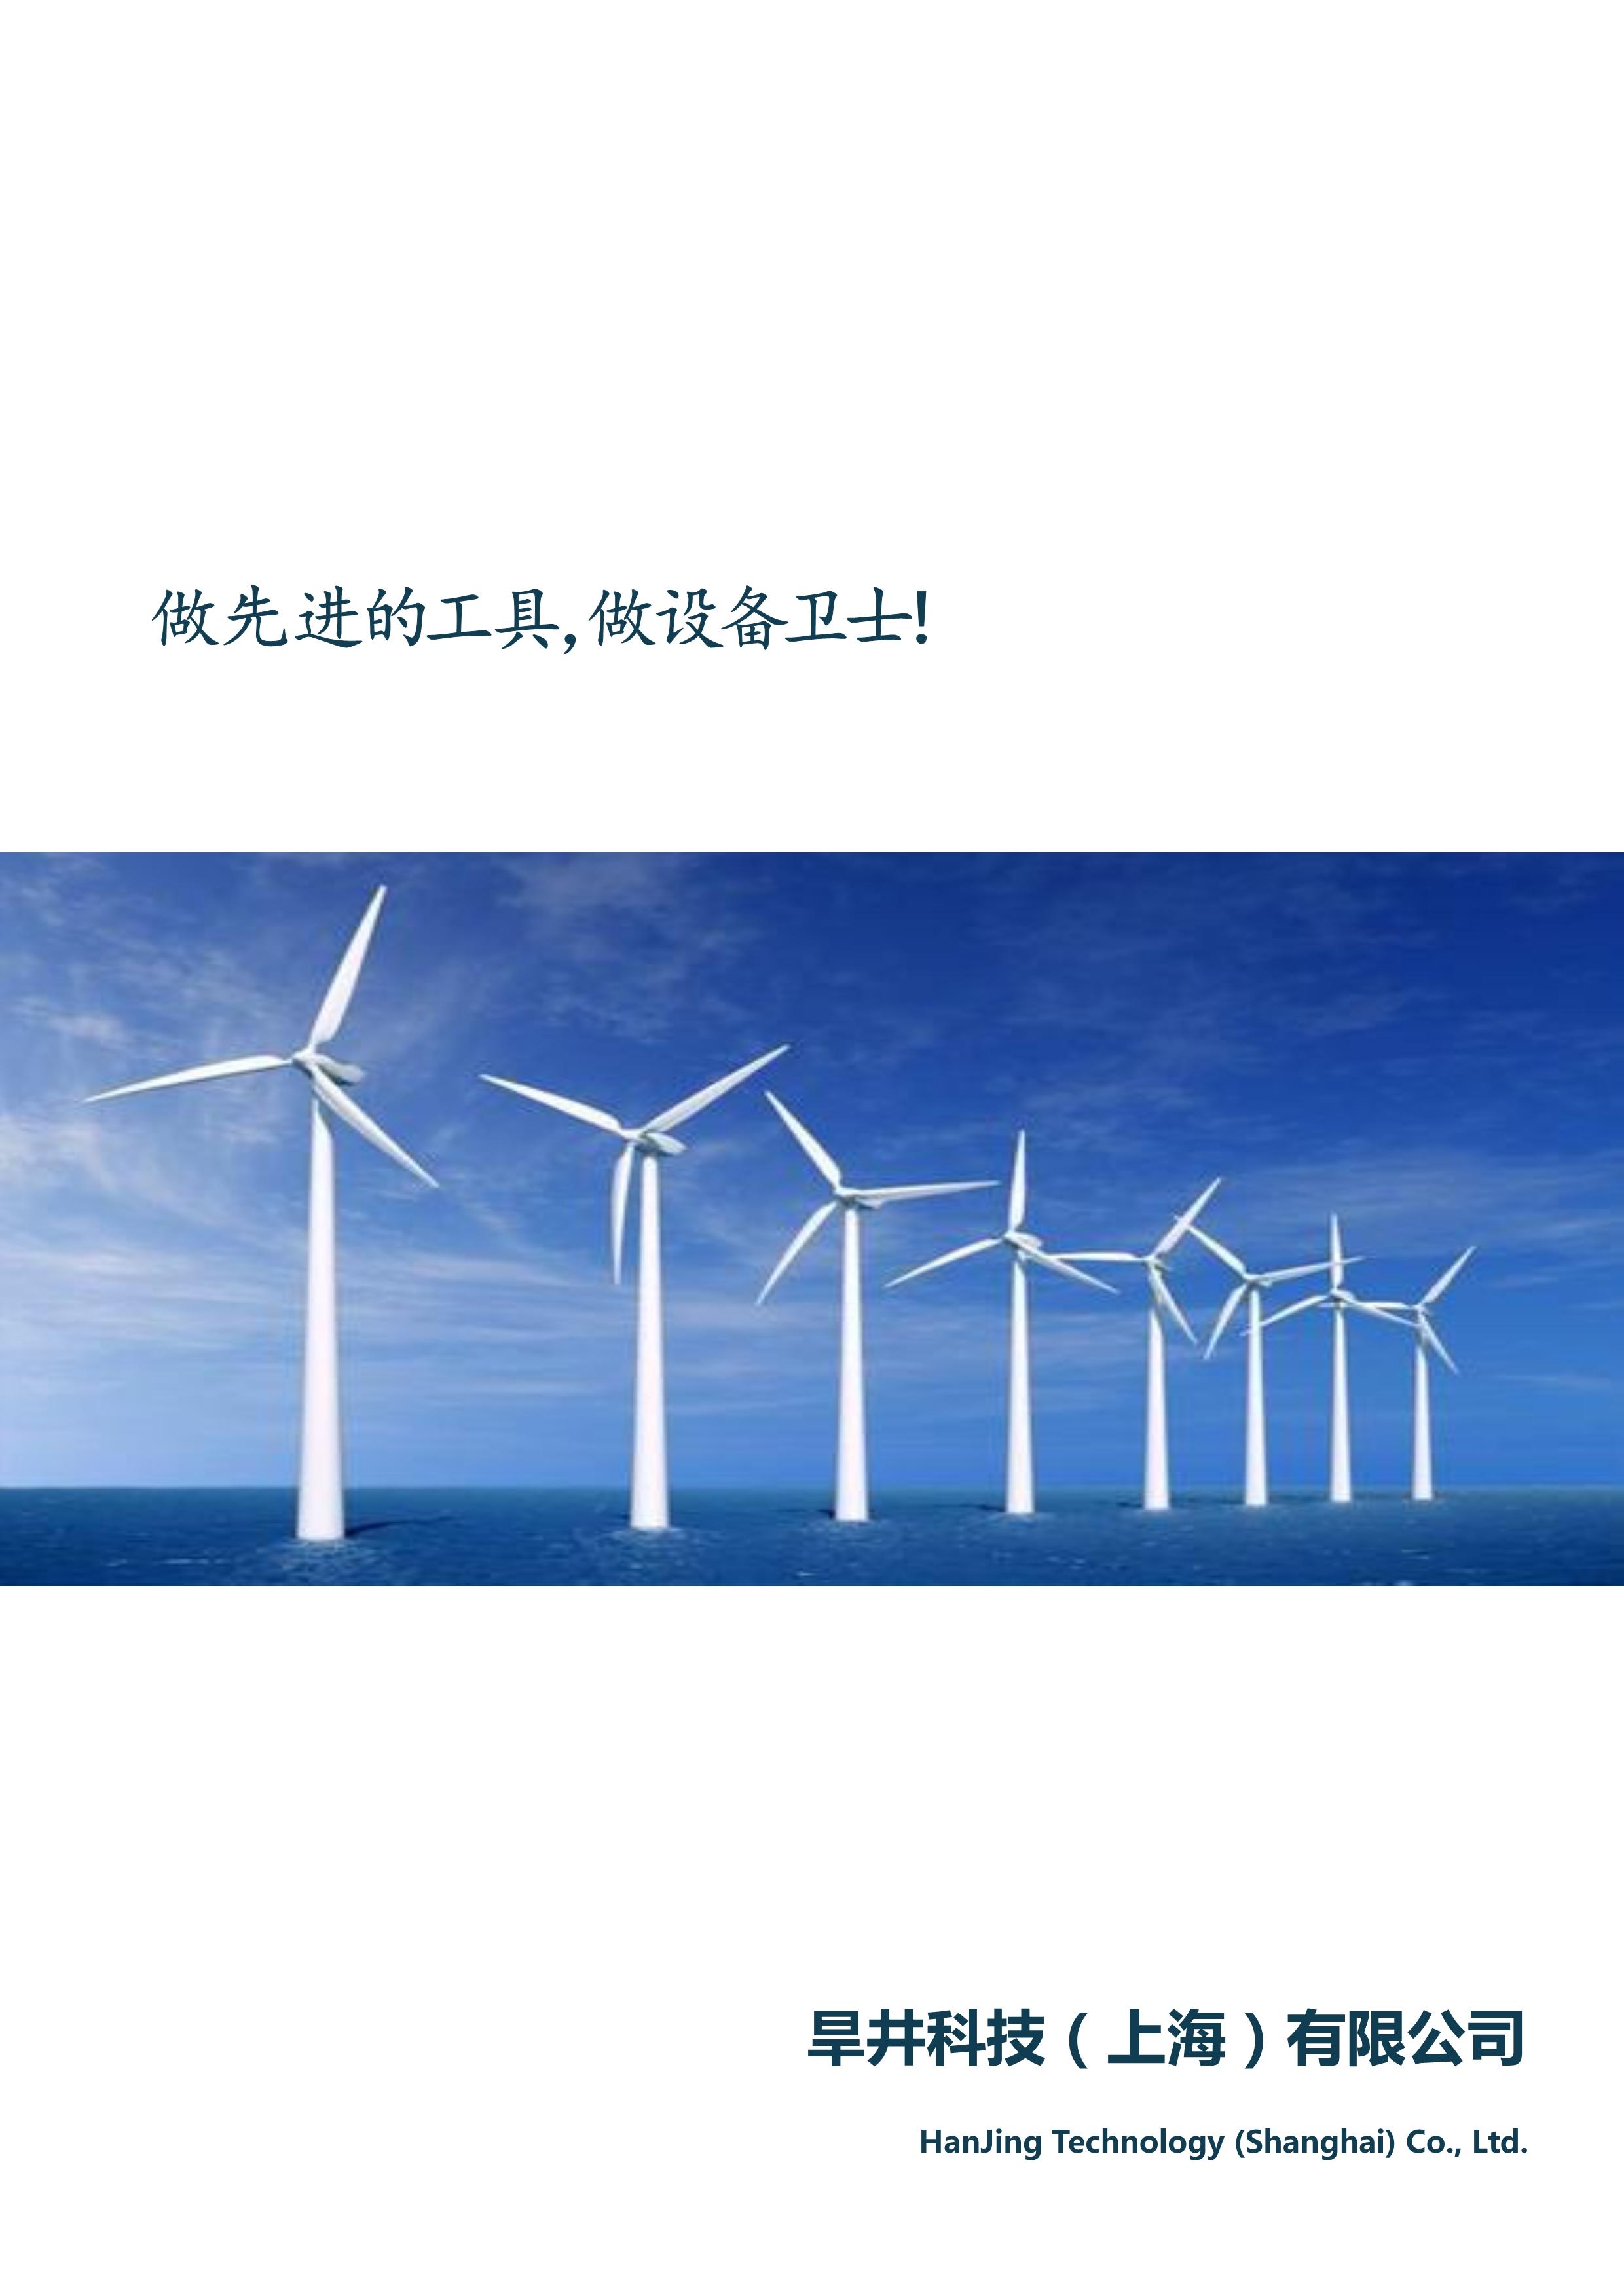 旱井科技(上海)有限公司产品资料